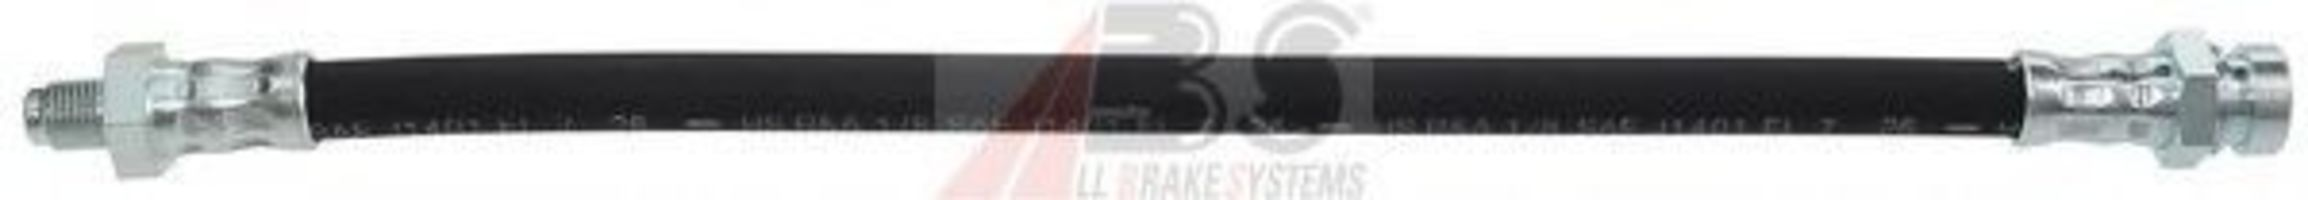 Шланг тормозной A.B.S. SL 6274